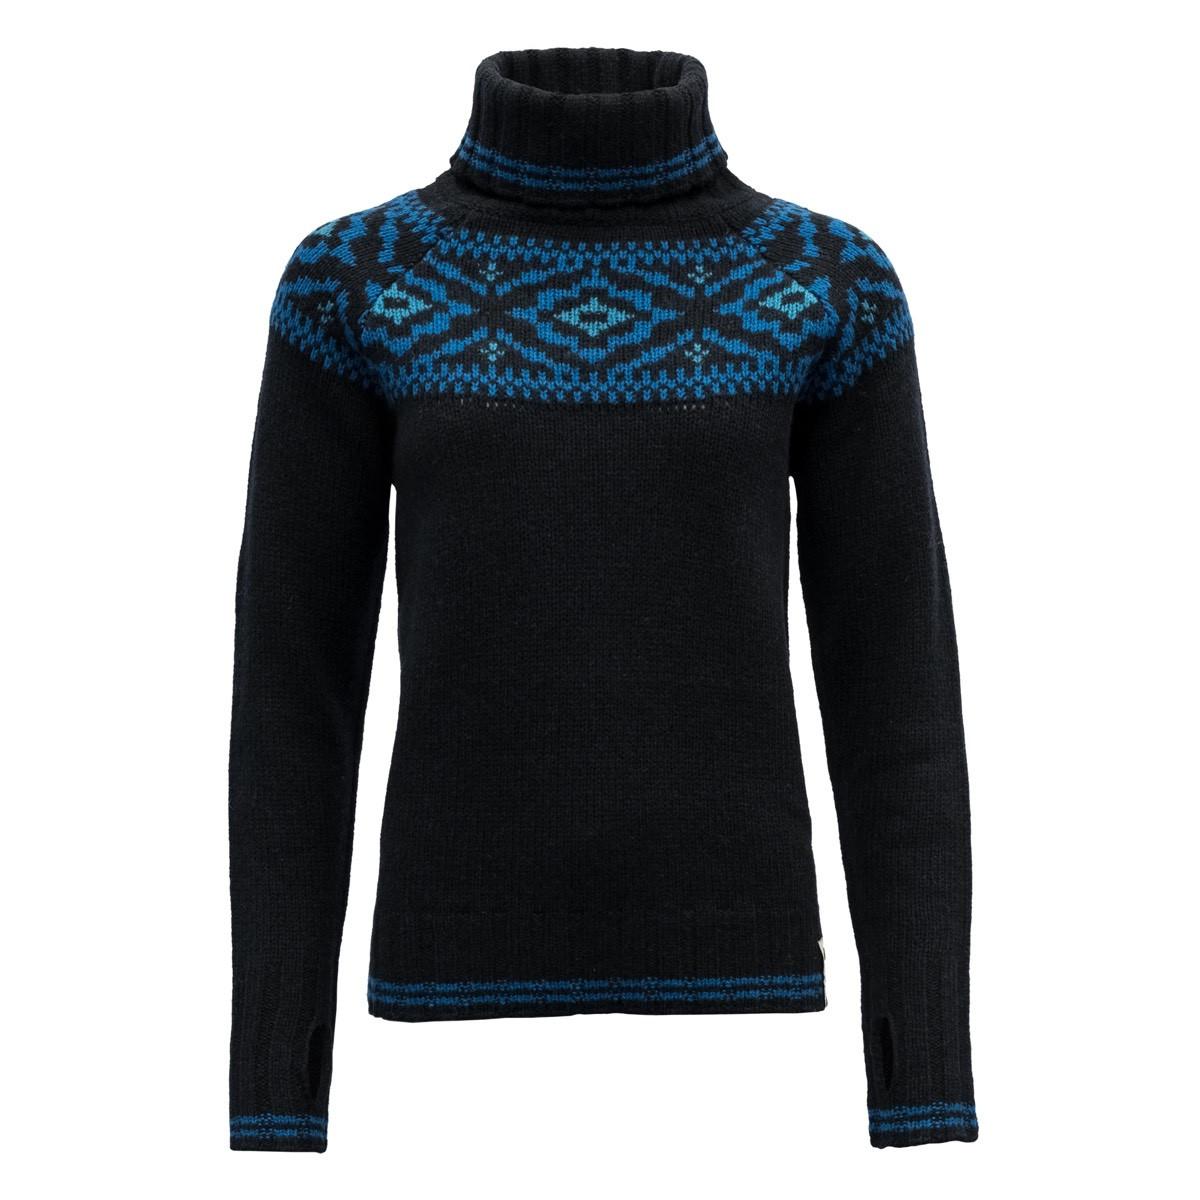 Devold ull genser str xl , kan sende mot kr 100 i frakt